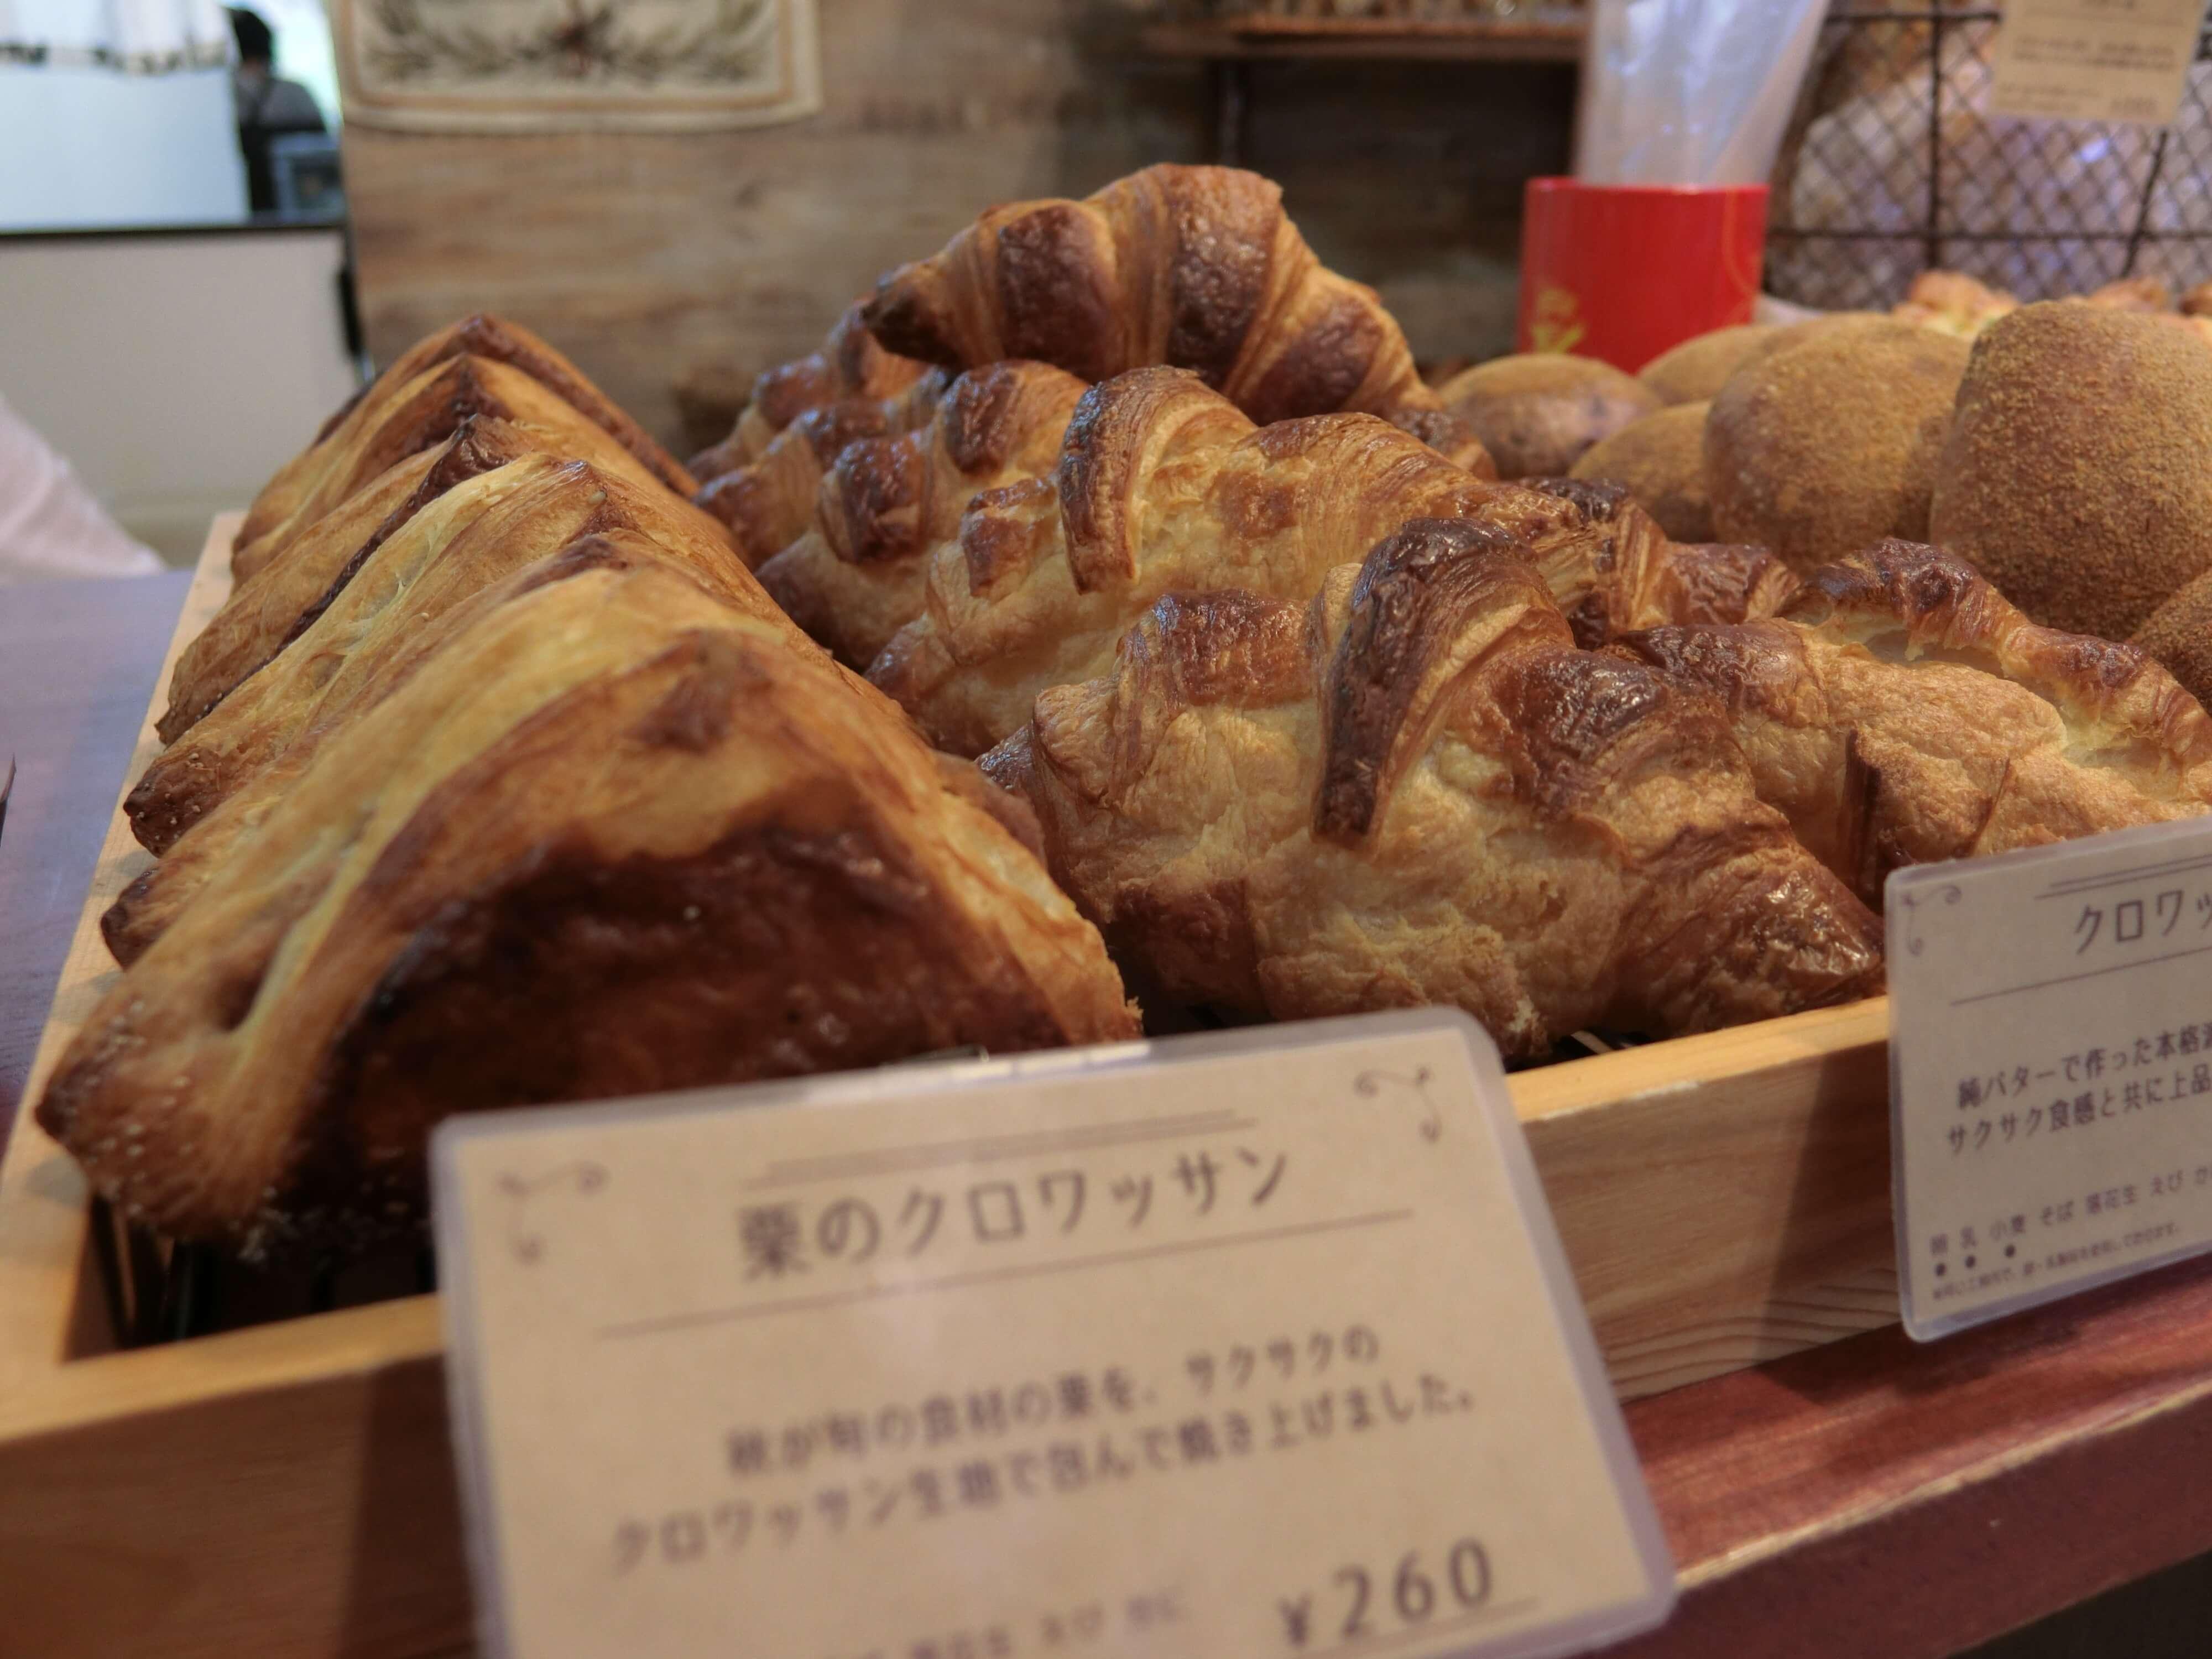 【八ヶ岳パン&カフェ】ぱんパパンドカフェ@リゾナーレ八ヶ岳|お店の雰囲気7